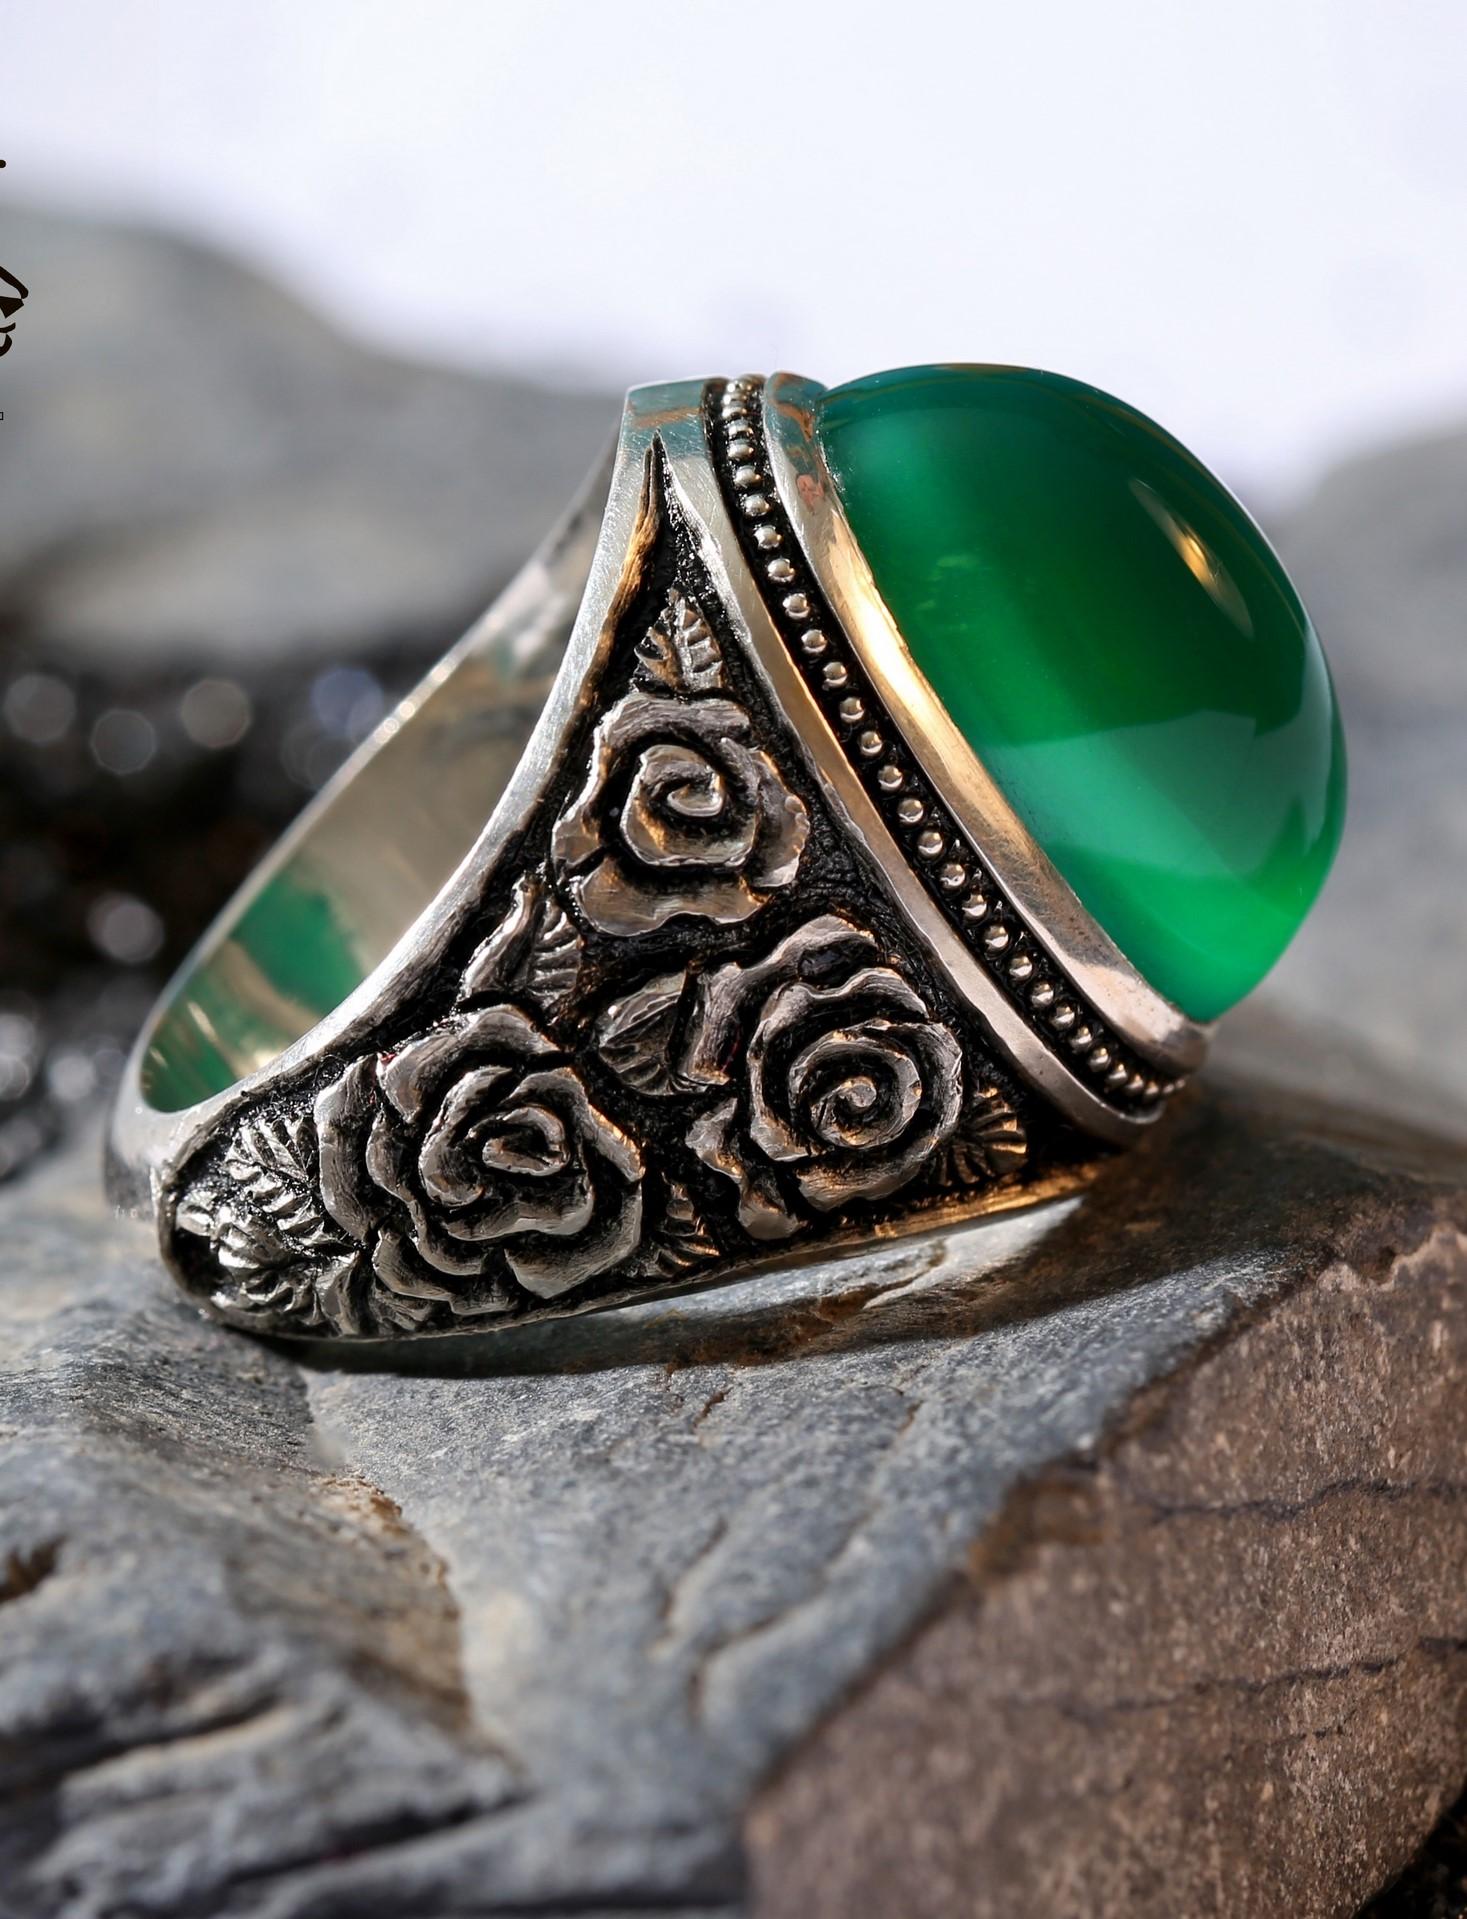 A-1433 انگشتر عقیق سبز کهنه طبیعی با پایه فدیوم